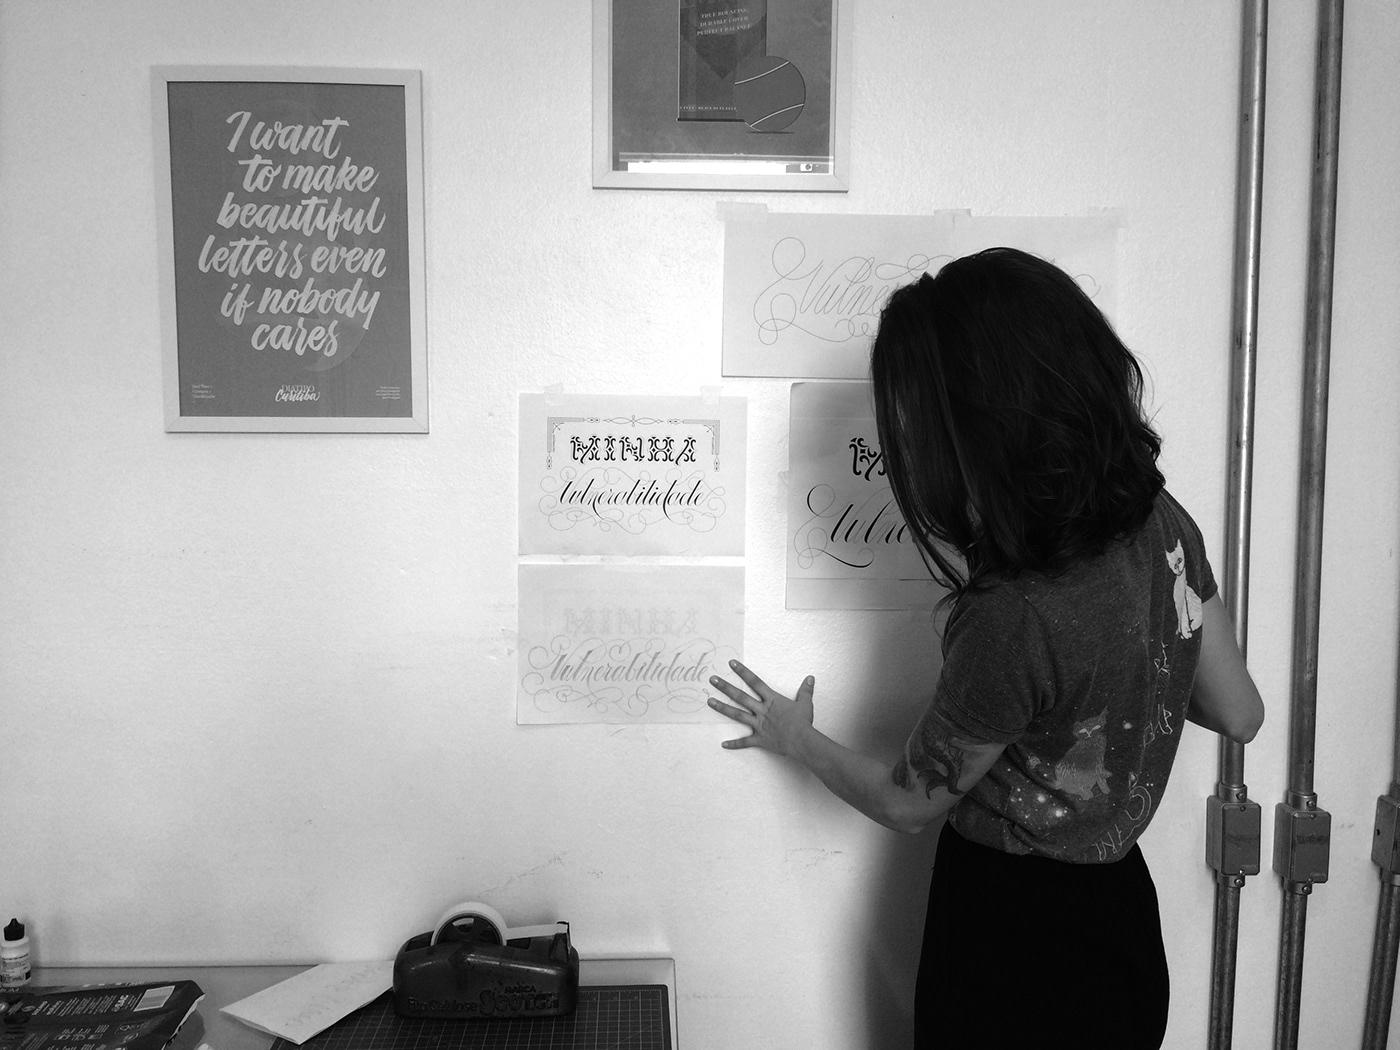 poster feminism girls power ana laydner Alice Neumann lettering print type female artwork